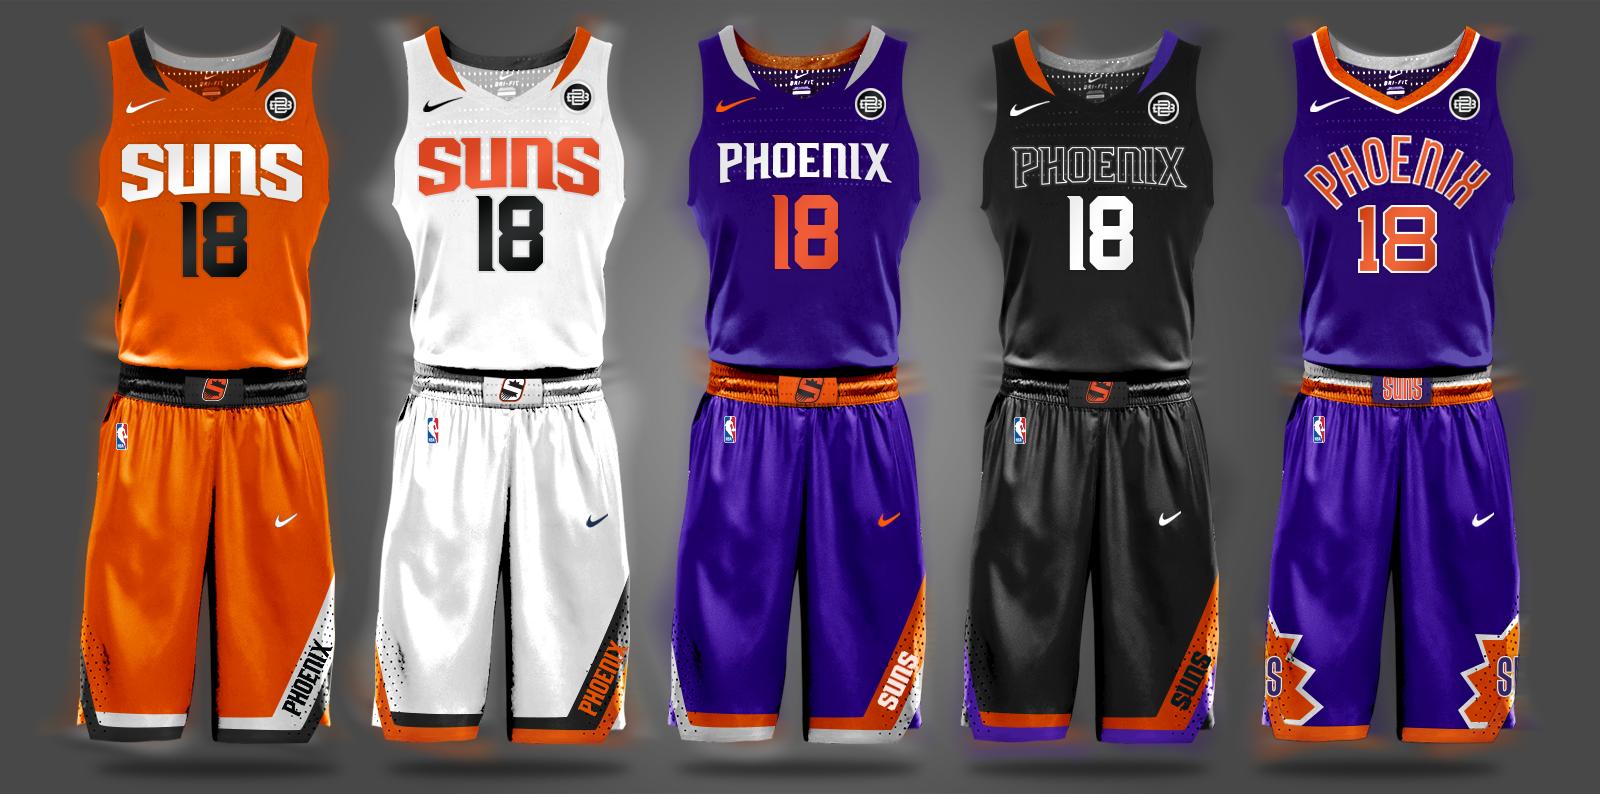 NBA Nike Uniform Concepts - I Am Brian Begley